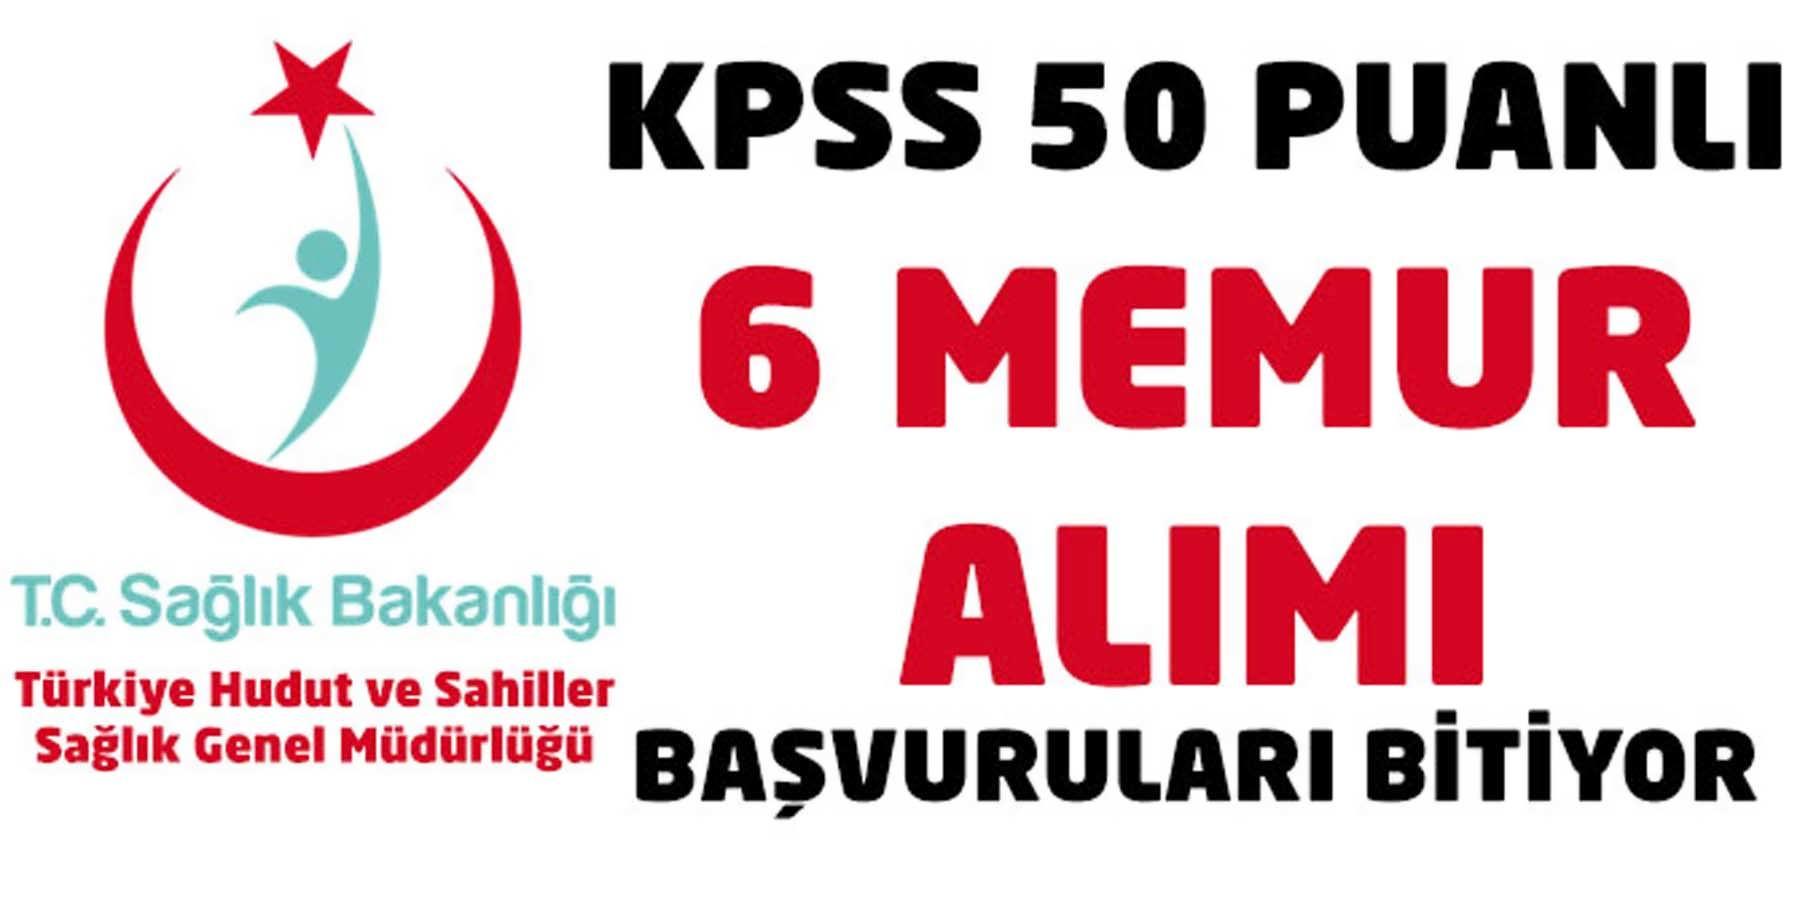 KPSS 50 Puan İle Teknisyen Memur Alımları Bitiyor